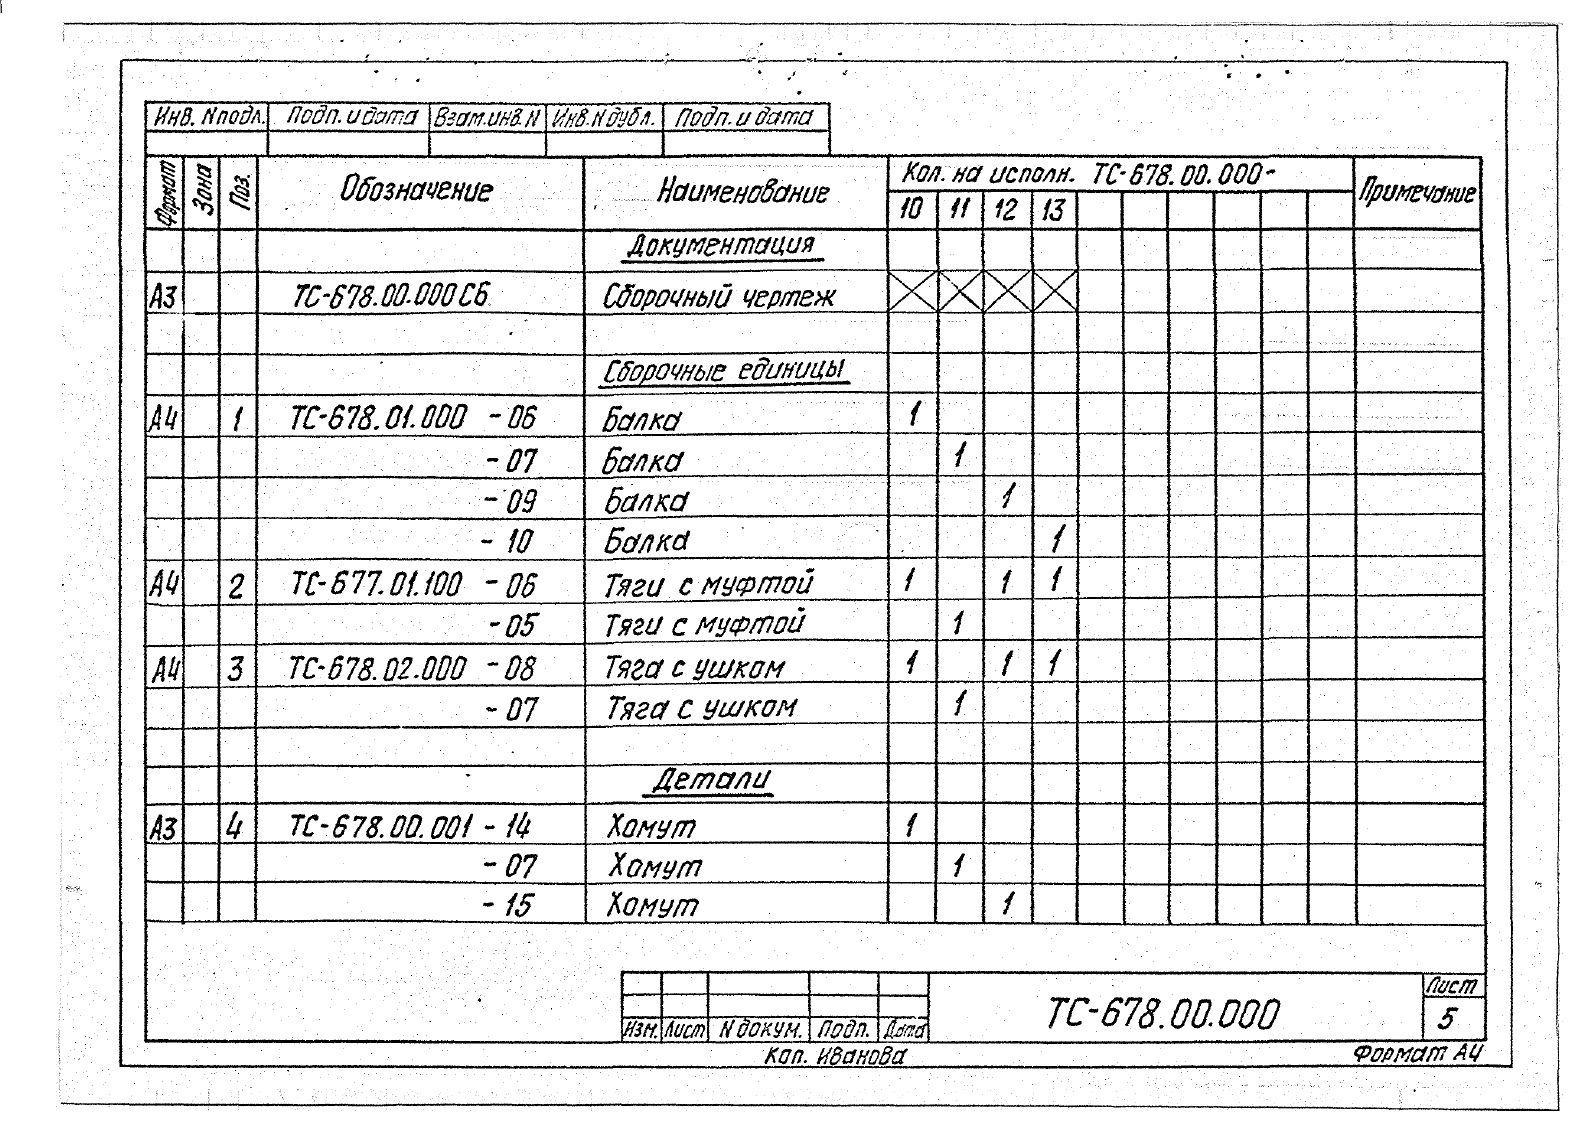 Подвески жесткие Дн 273-630 ТС-678 с.5.903-13 вып.6-95 стр.8